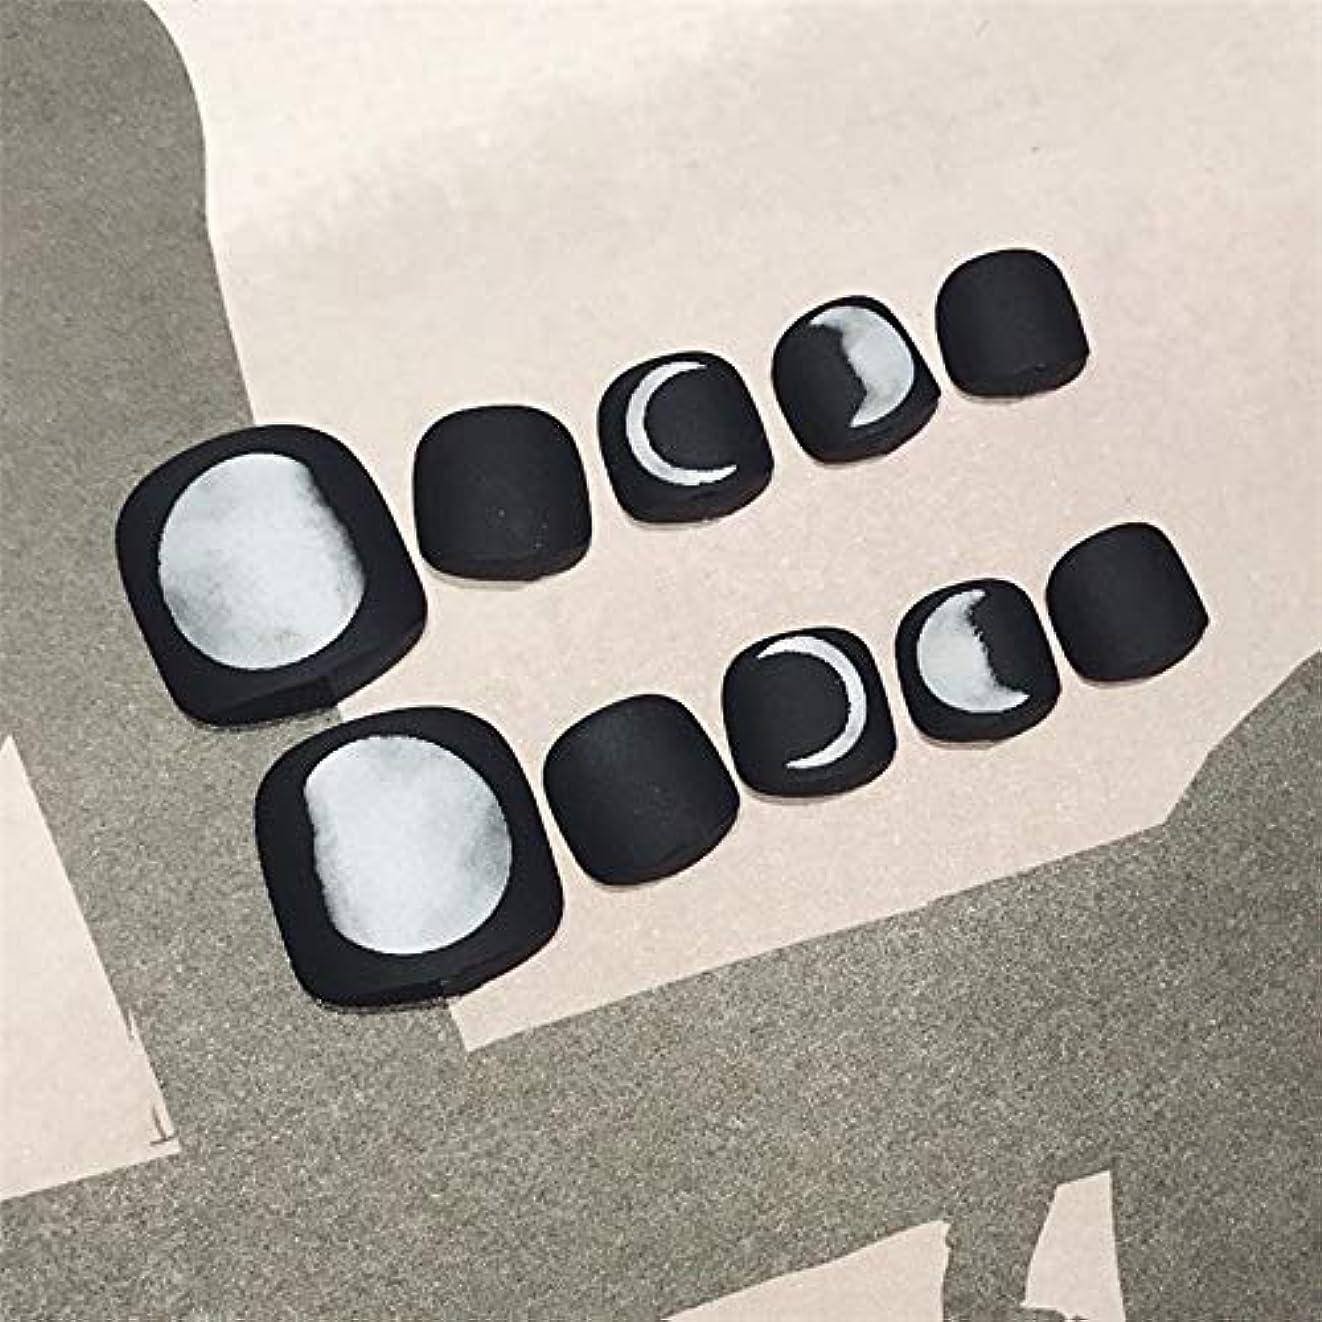 薄暗い汗シルエットXUTXZKA 24個入りブラックホワイトマットムーン偽ネイルフルショートフェイクパッチマニキュアツール